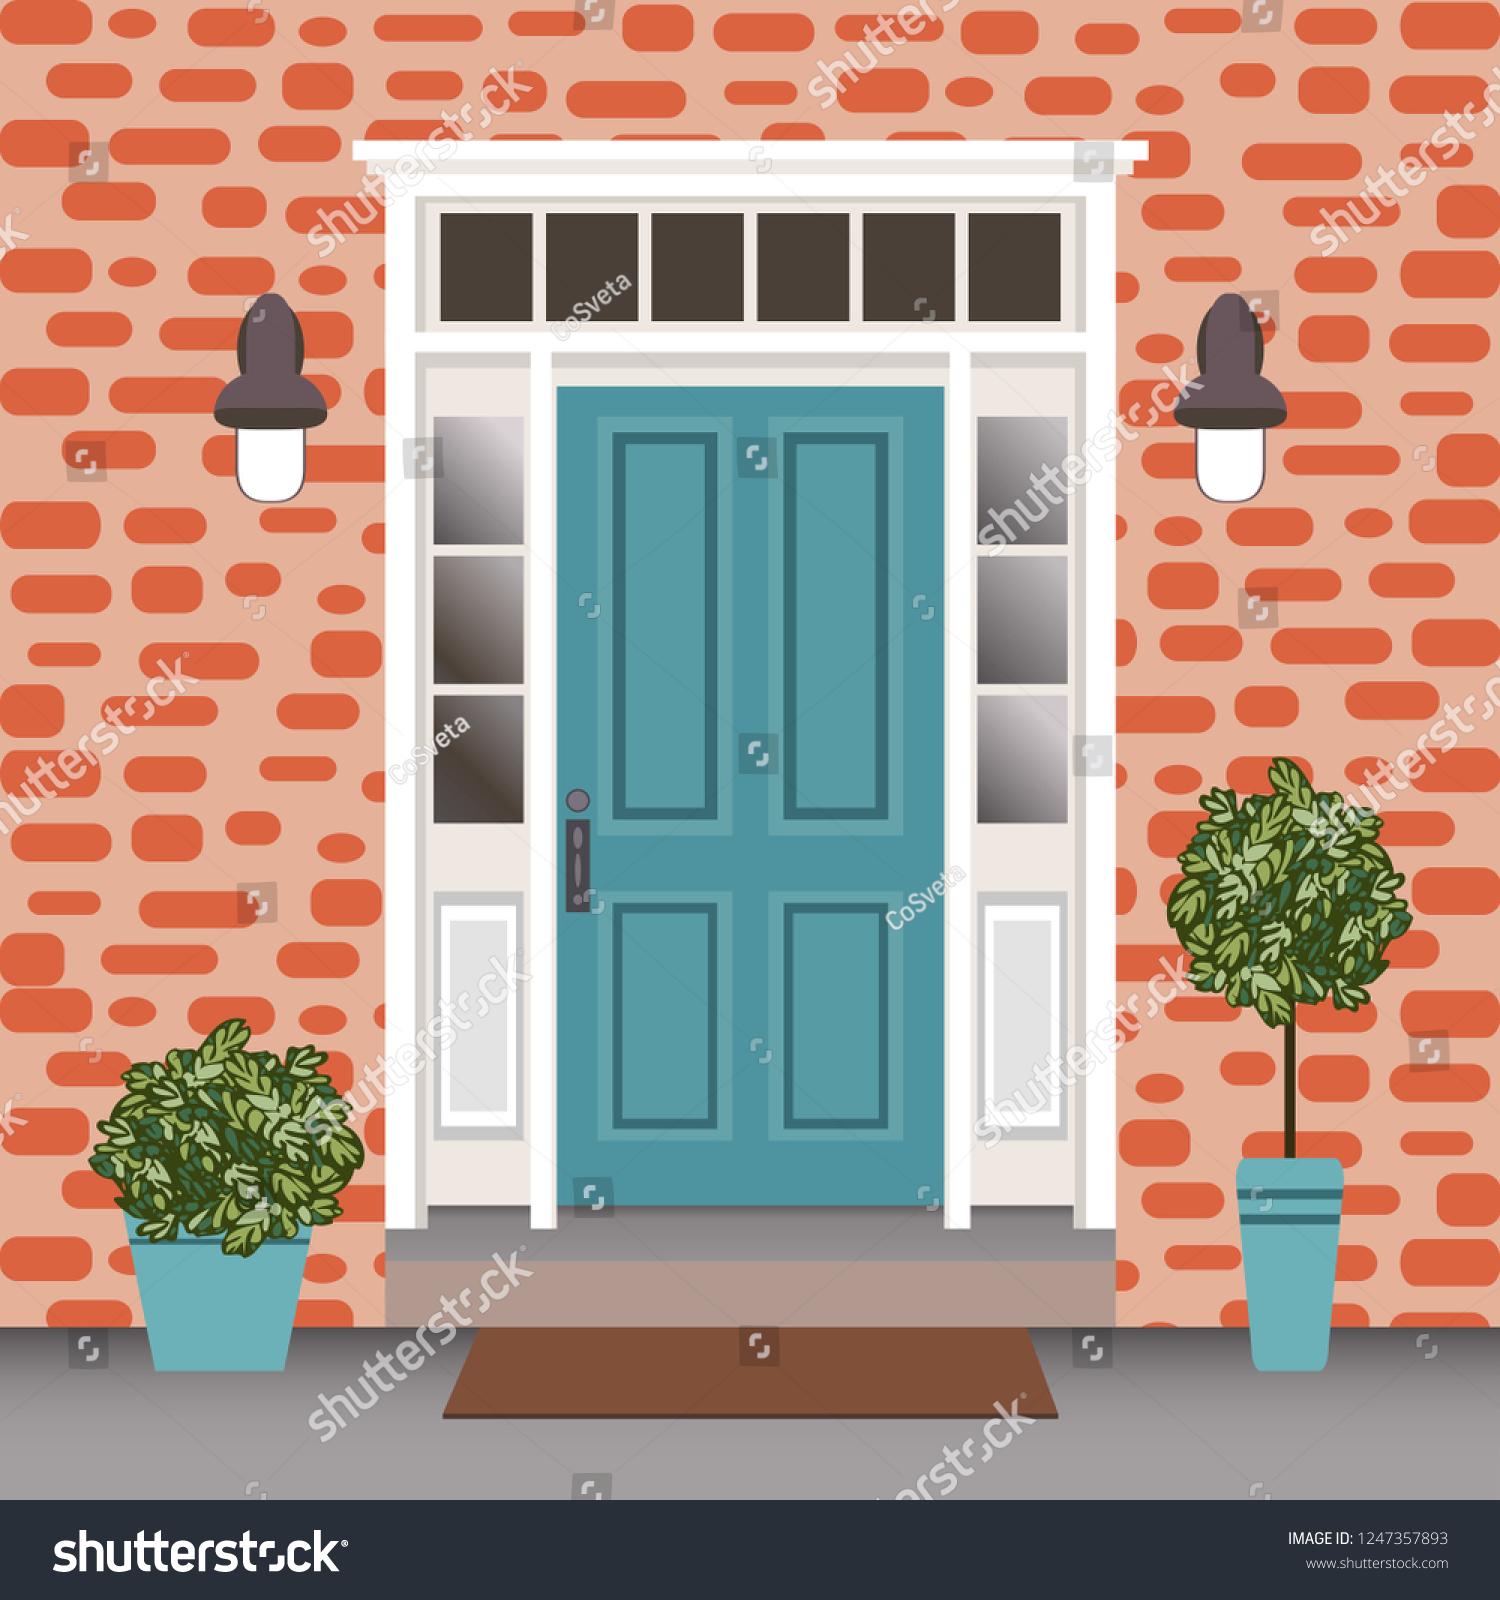 Entrée De Maison Avec Marche image vectorielle de stock de porte avant de la maison avec